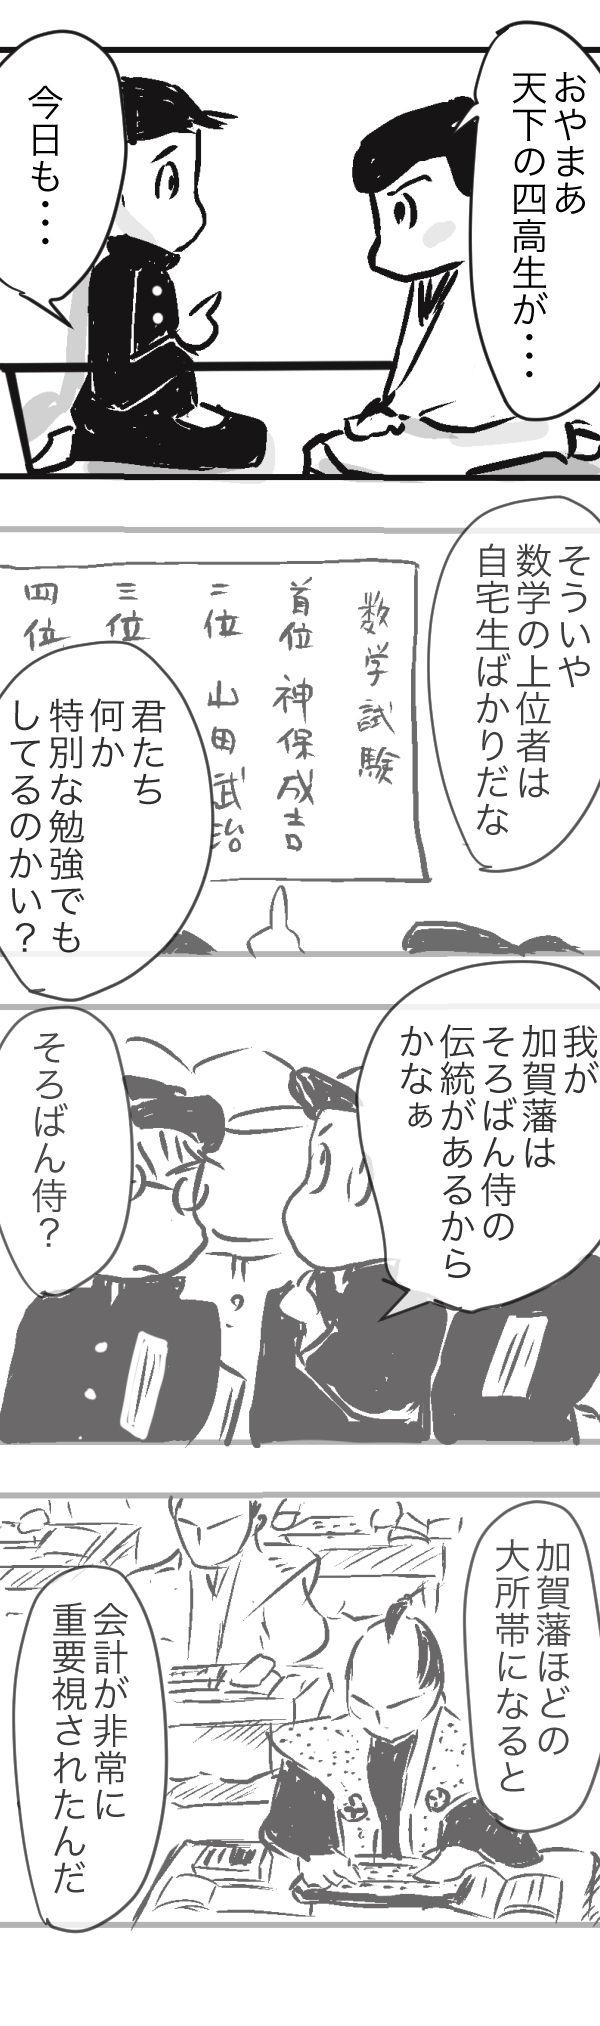 金沢3-3−2